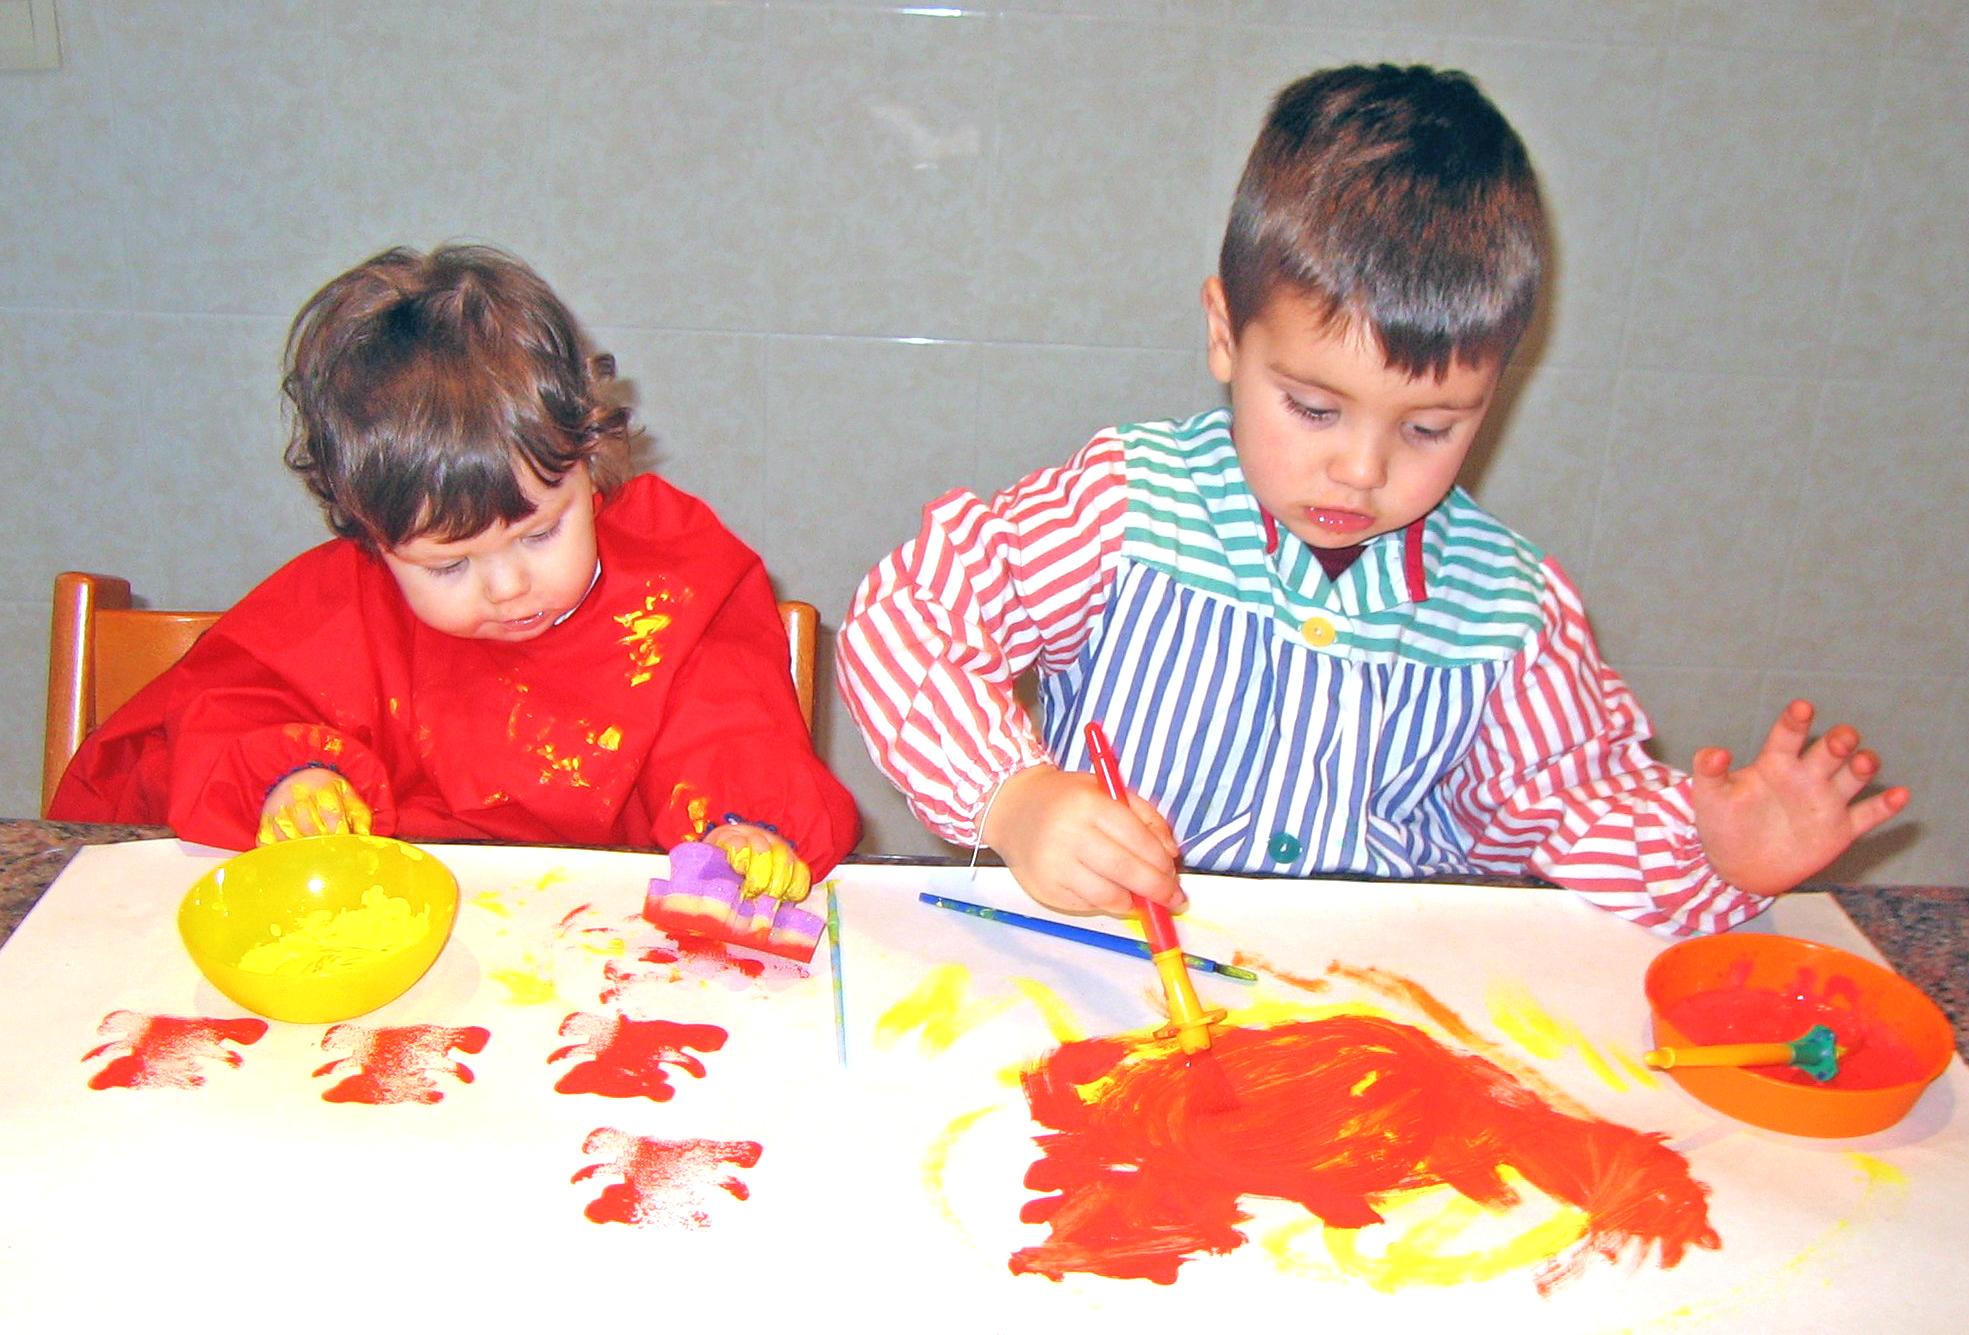 Quitar las manchas de pintura de la ropa de los ni os - Como quitar las humedades de la pared ...